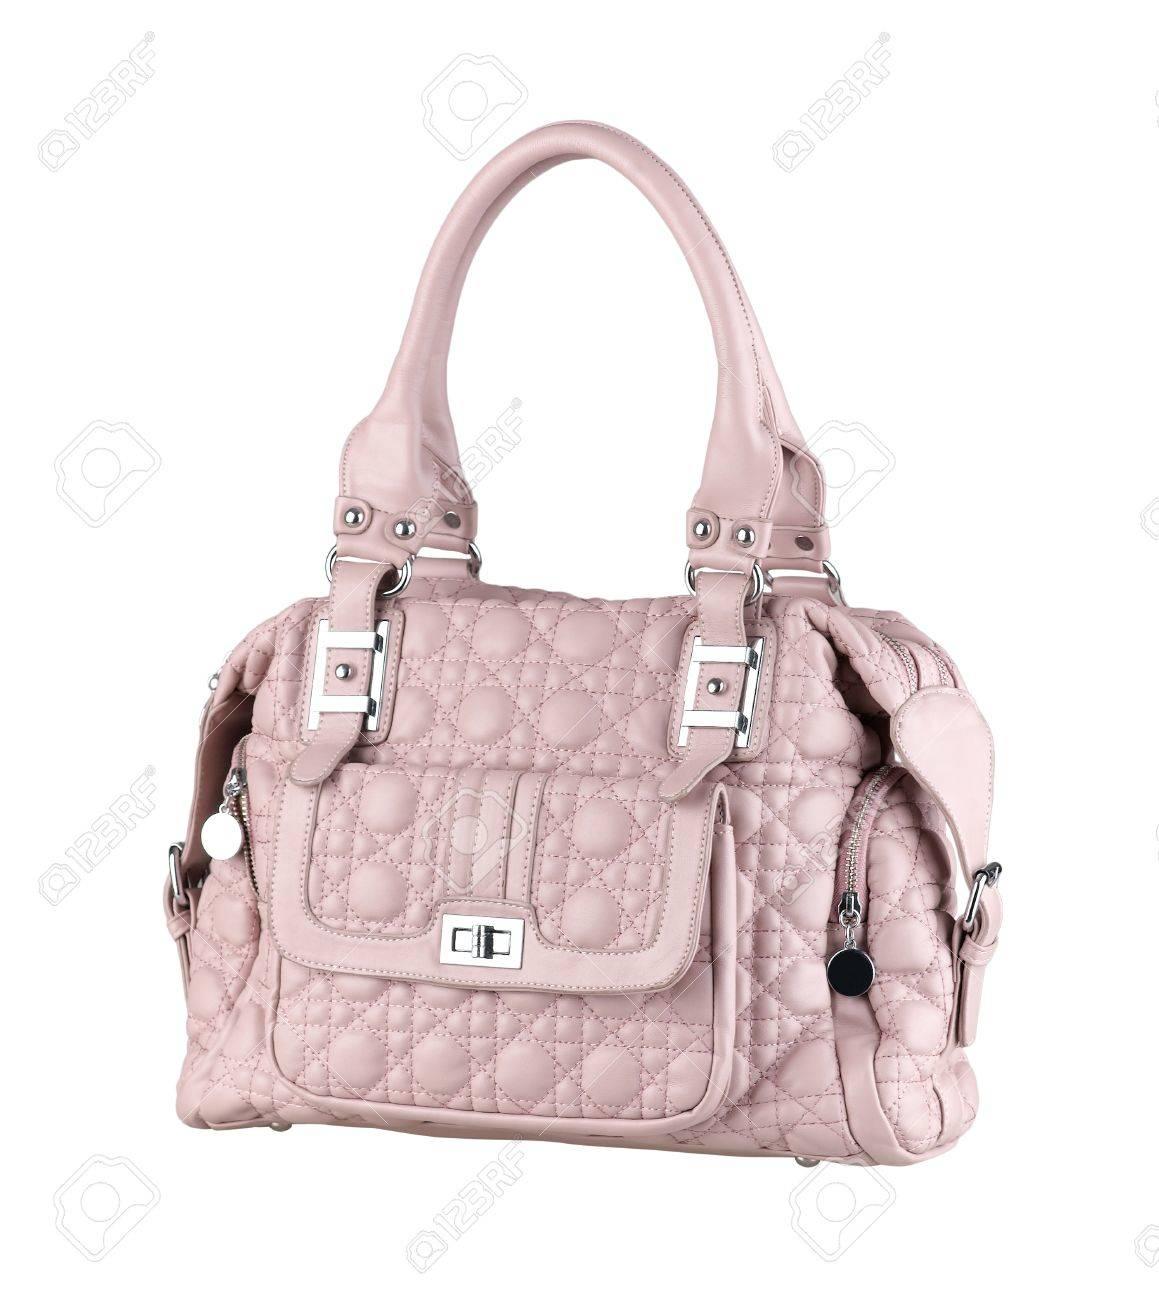 outlet à vendre top design meilleur fournisseur Nice et beau sac à main cuir dame